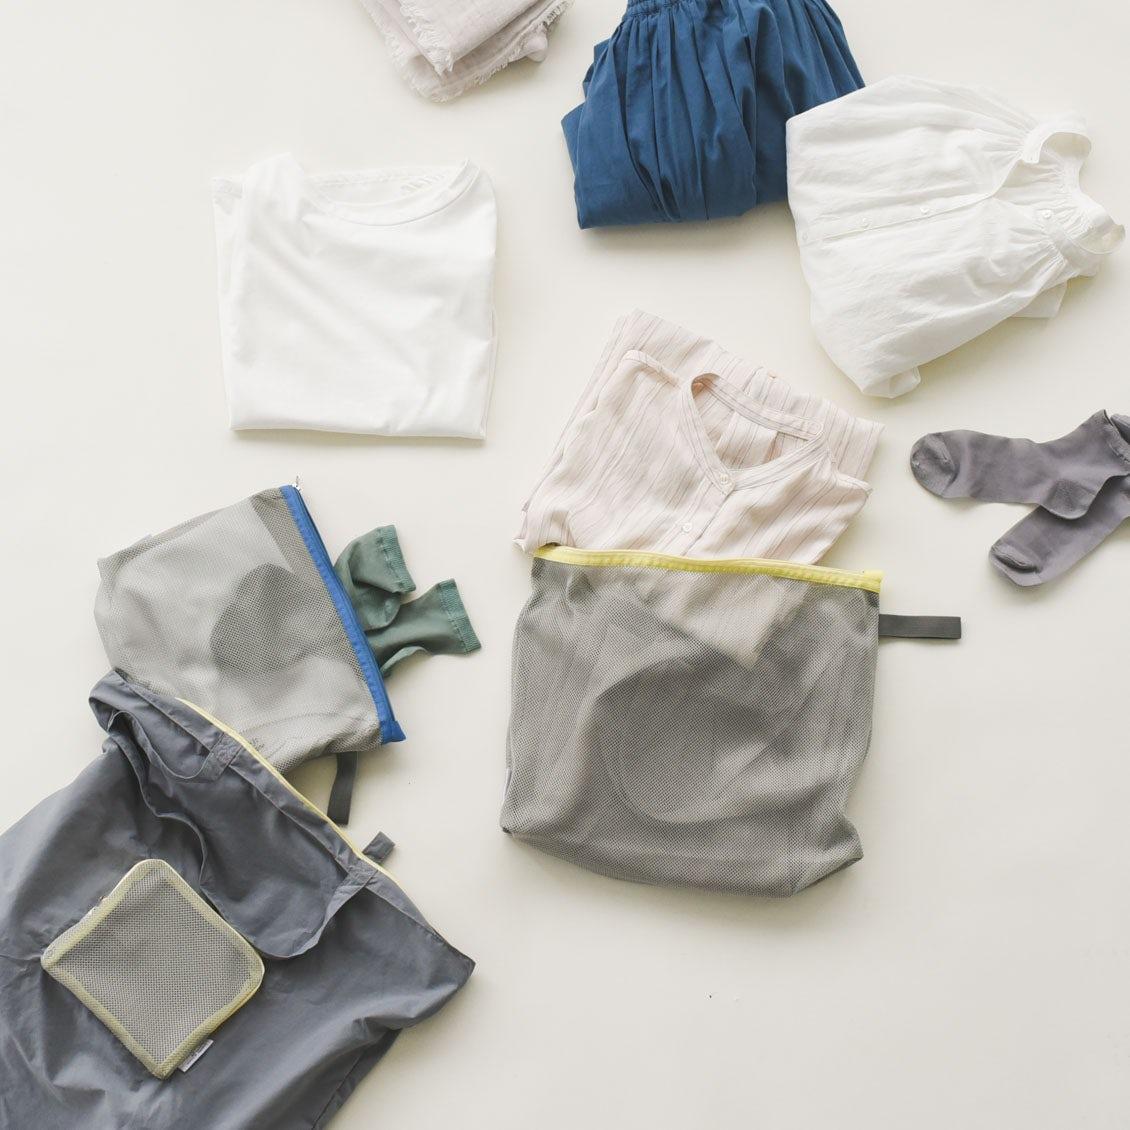 【同時発売】365日出番はひっきりなし!まるごと洗える衣類ケースとランドリートートが新登場